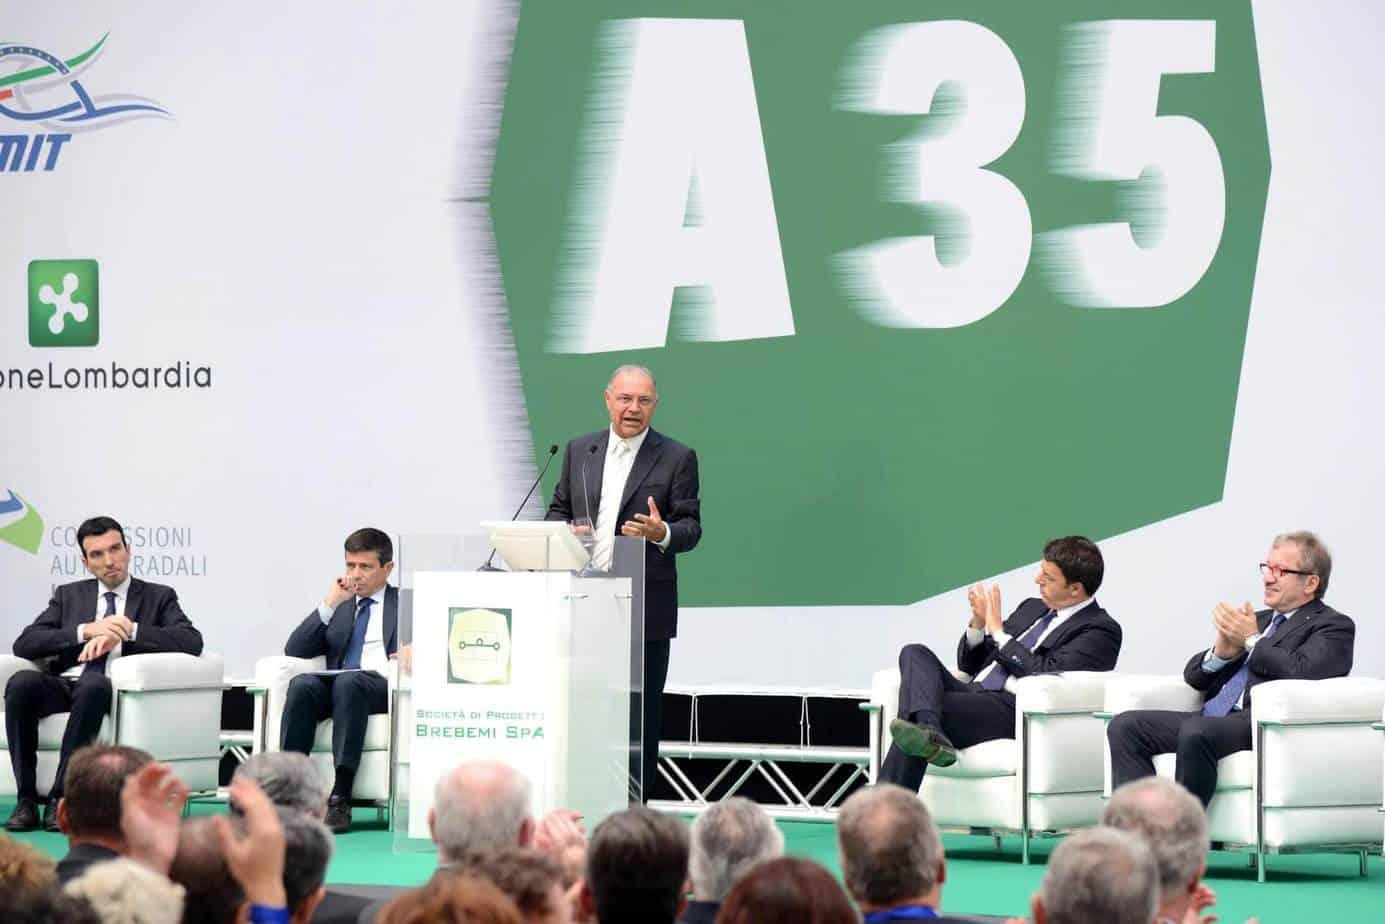 Francesco Bettoni, Presidente di BreBeMi e Autostrade Lombarde